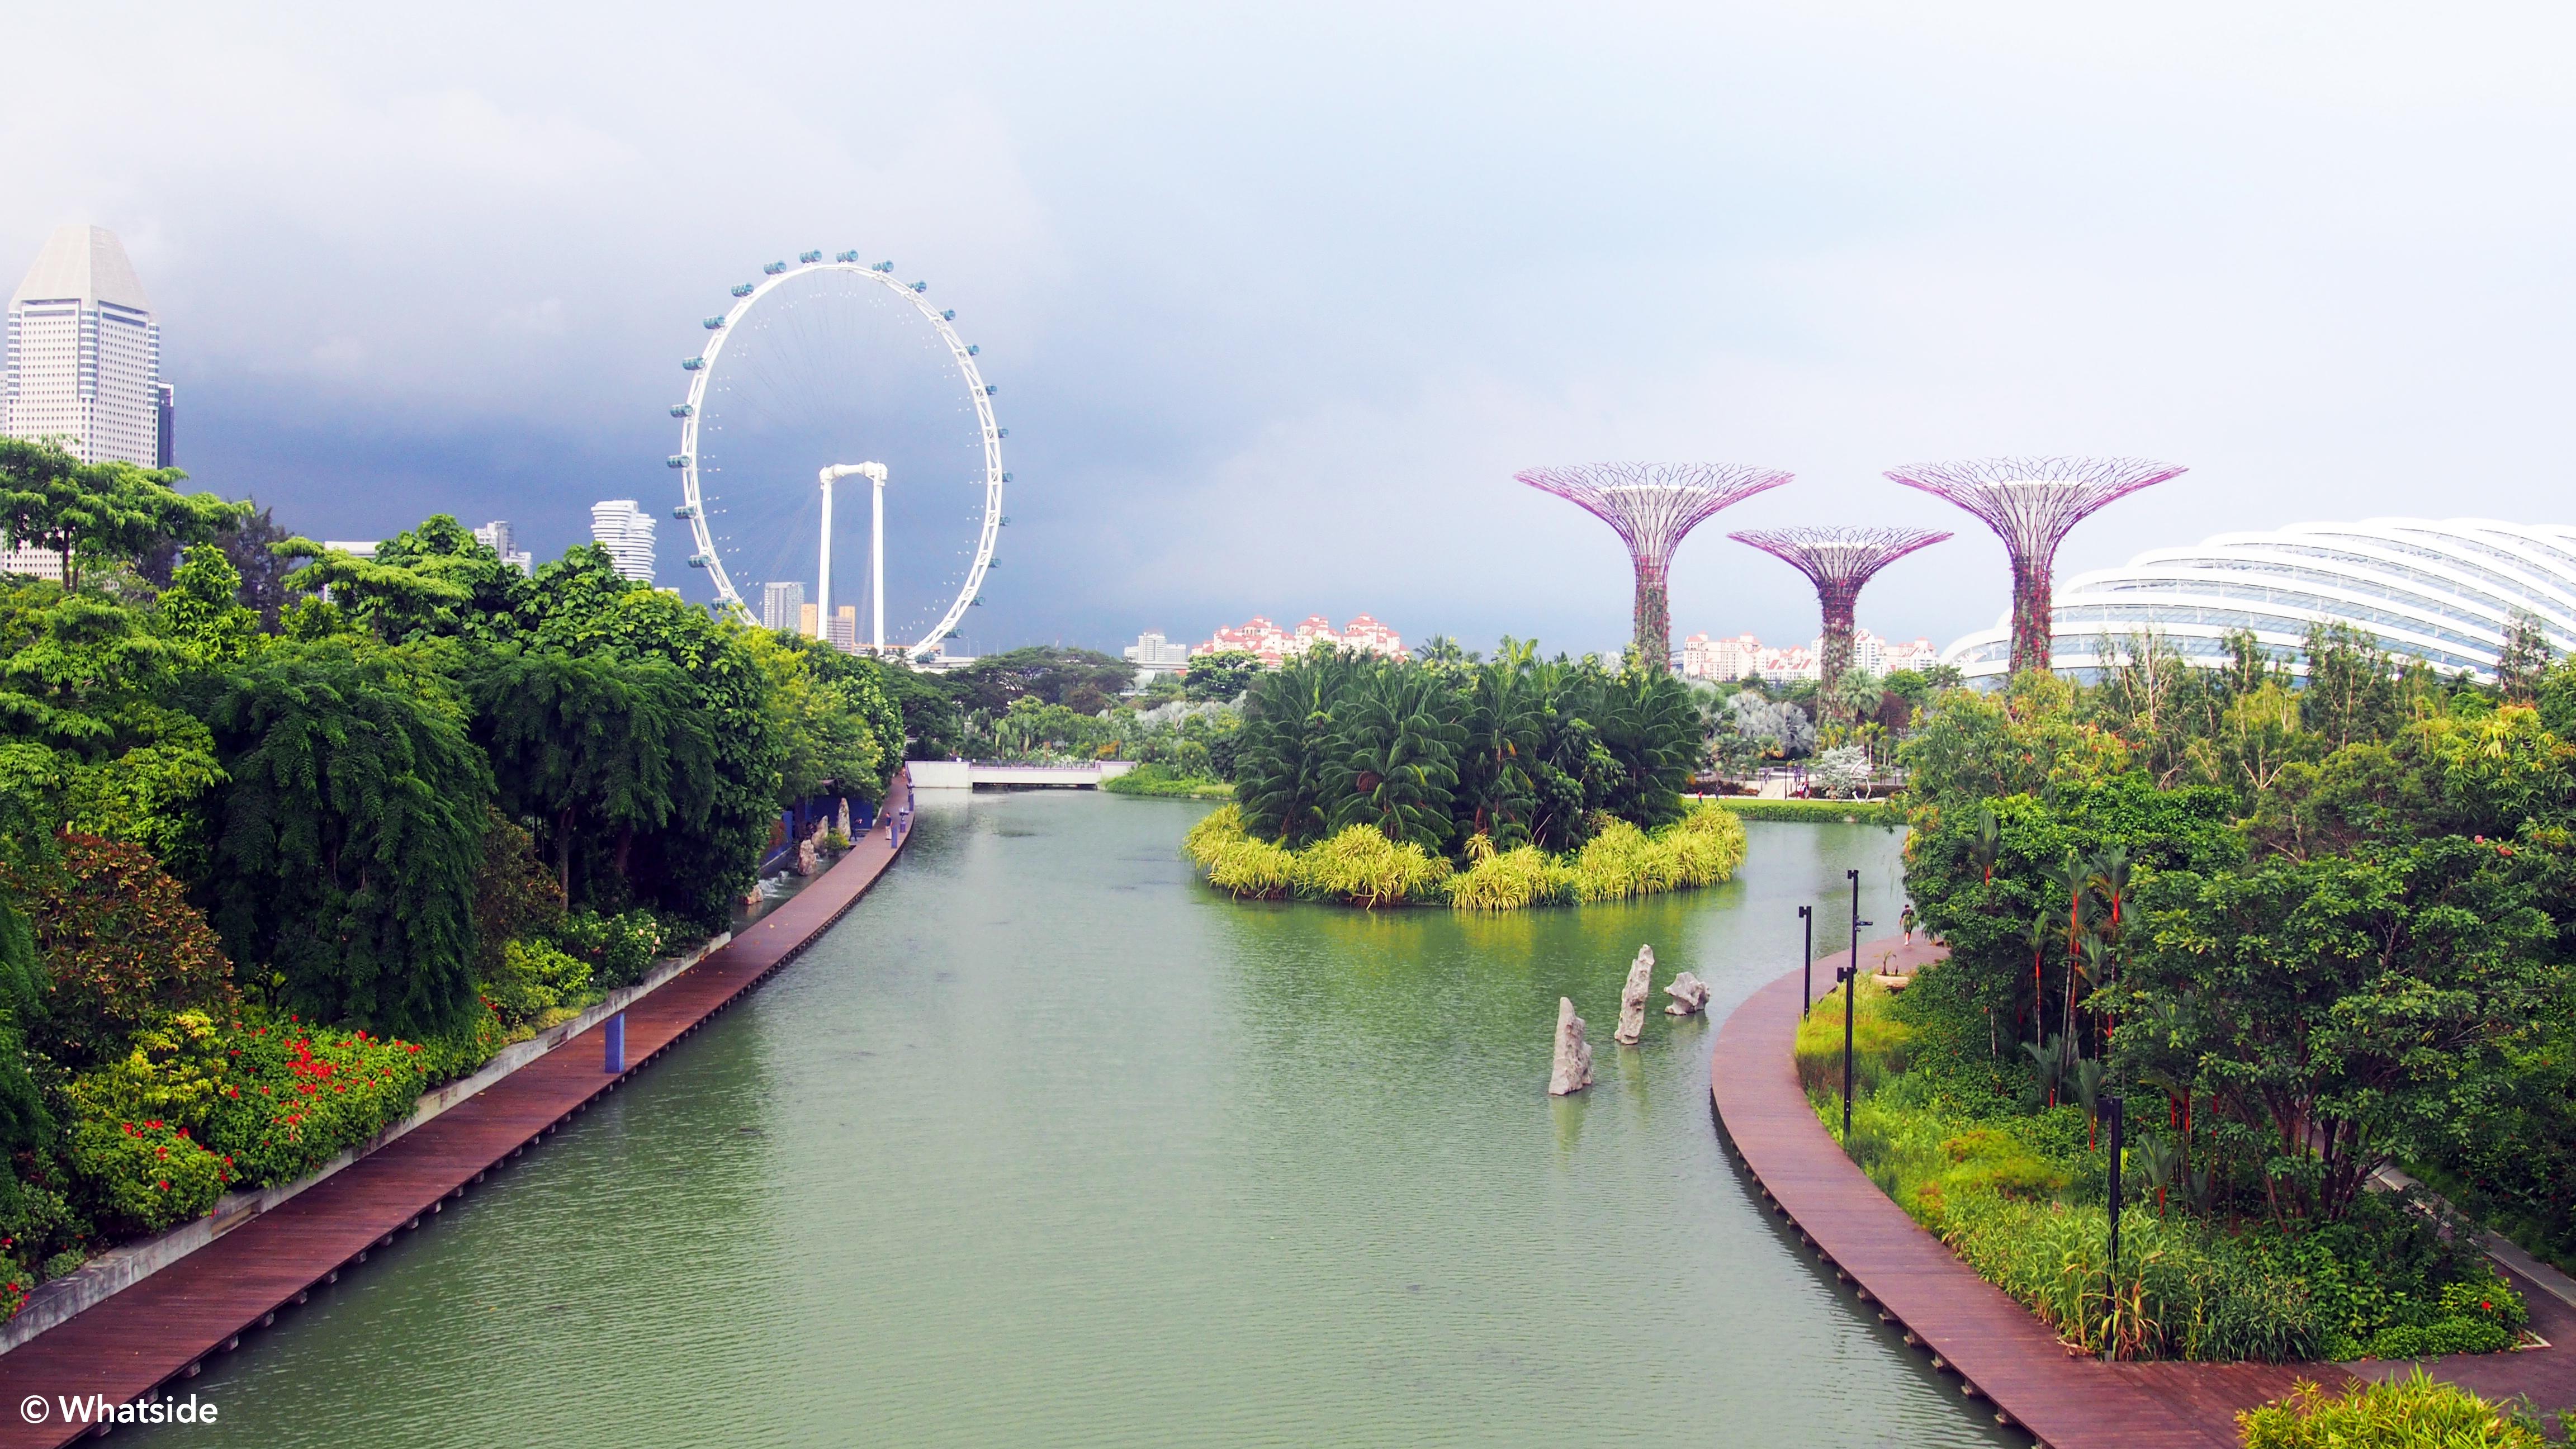 Vue sur le Lyer et Gardens by the bay - Singapour